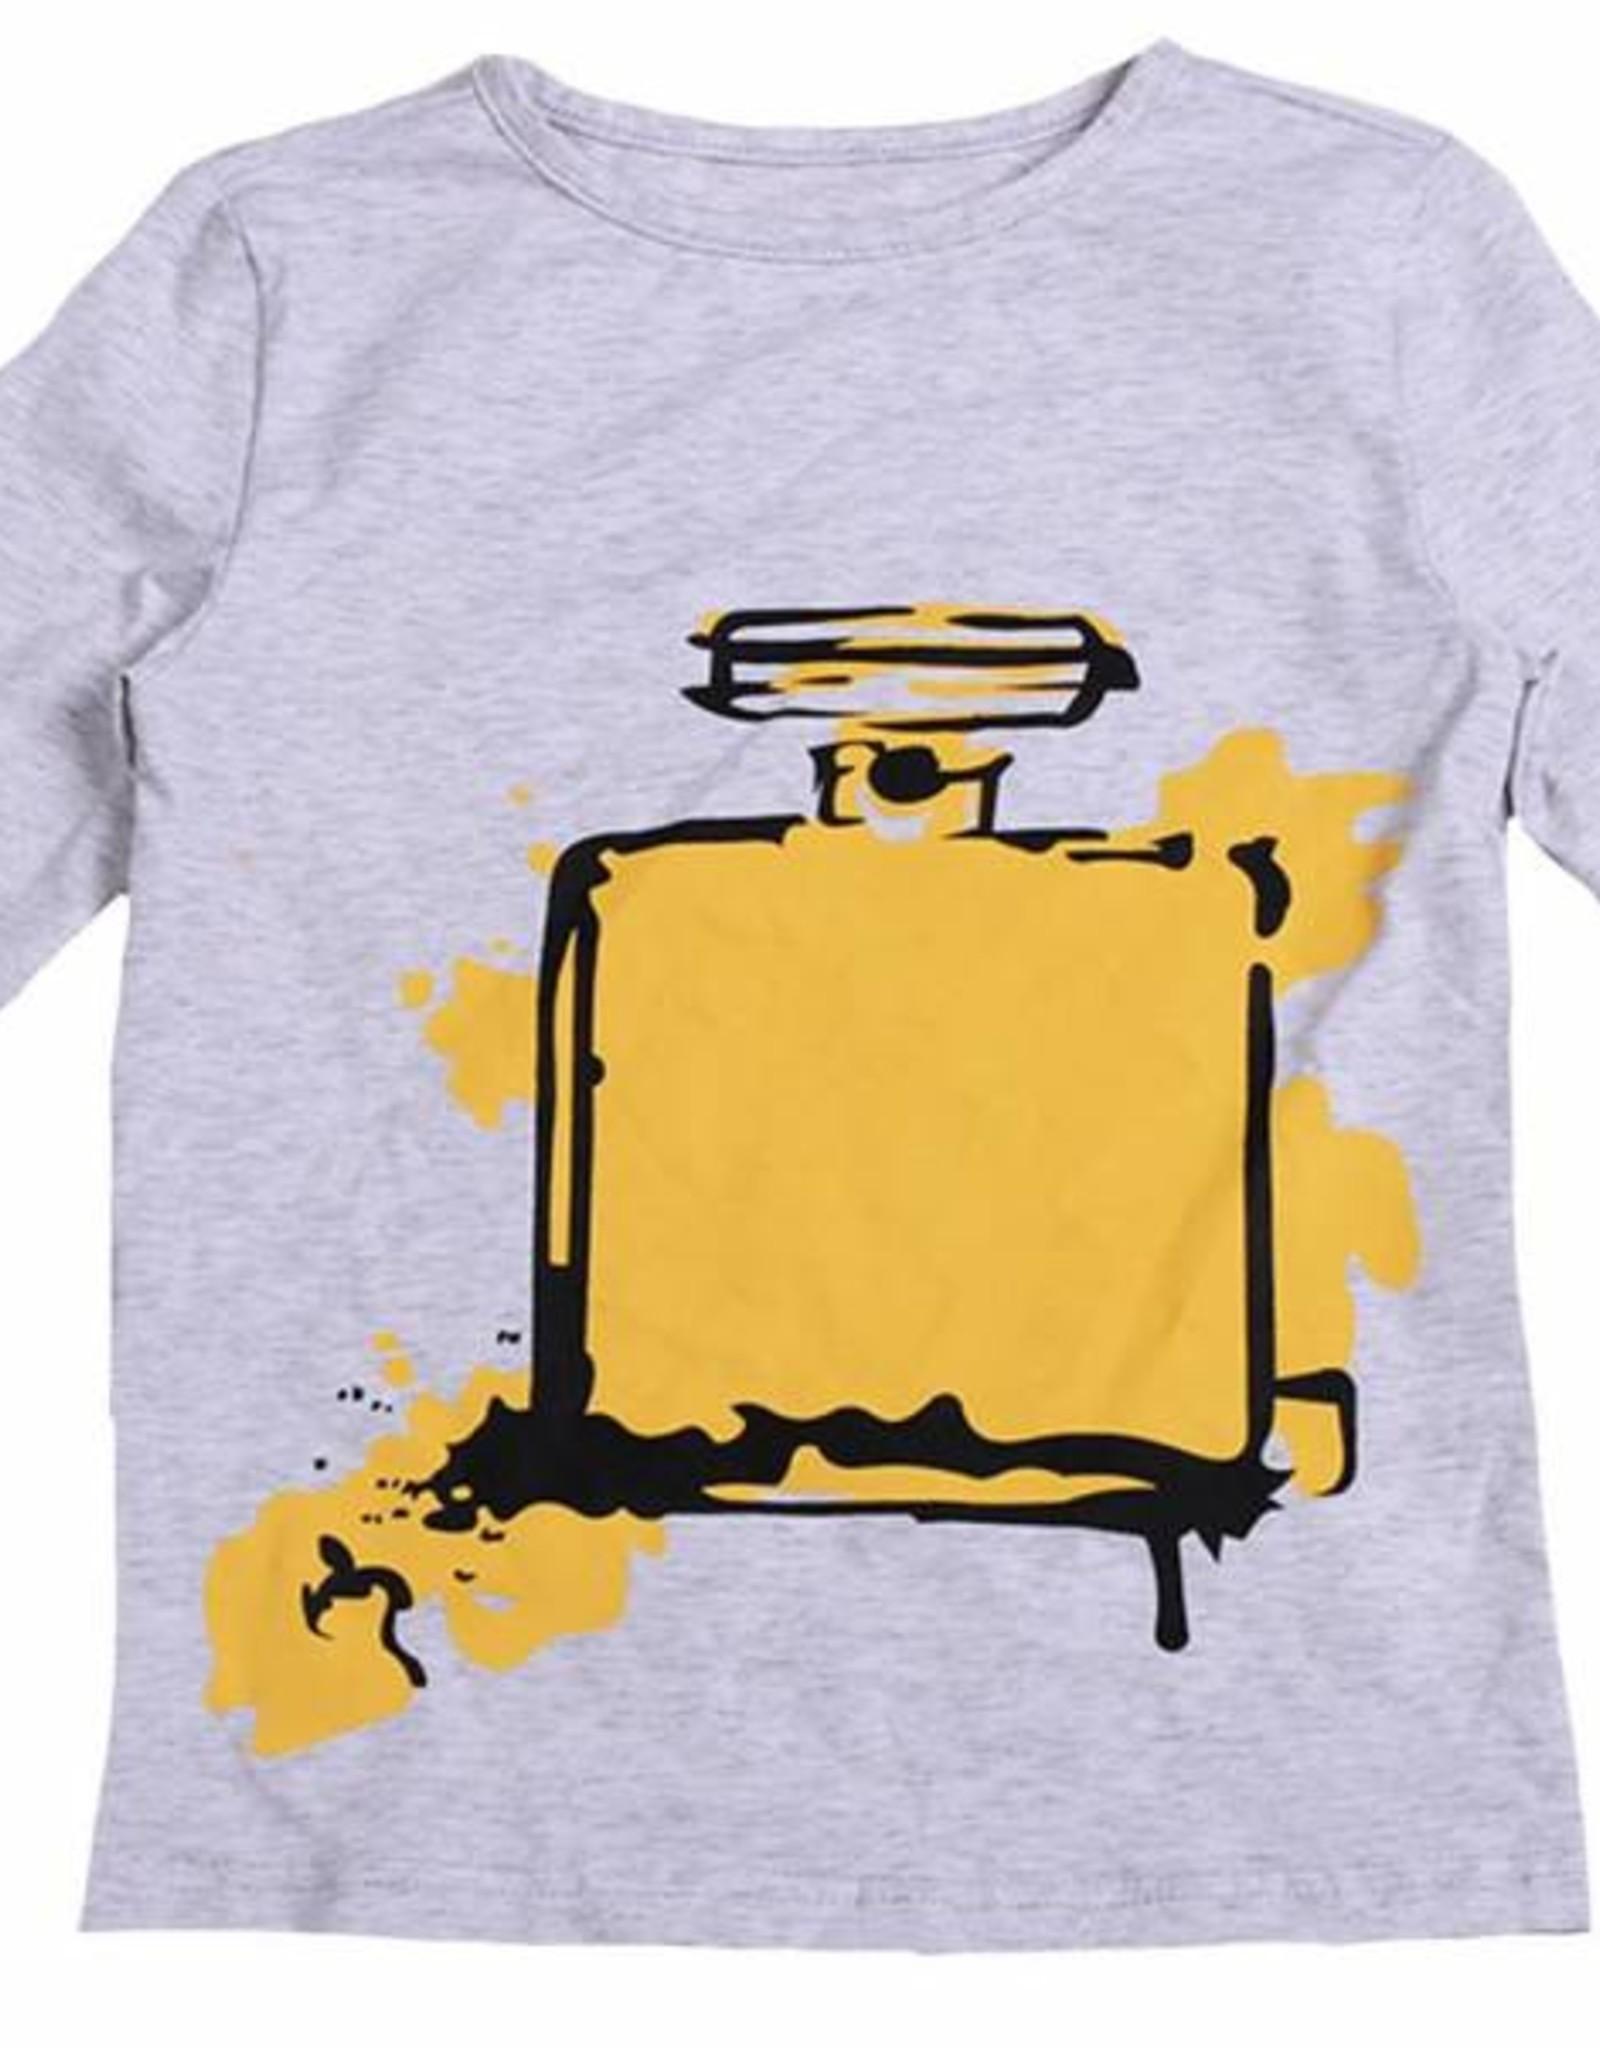 Miss Meme Miss Meme Perfume Bottle T-Shirt